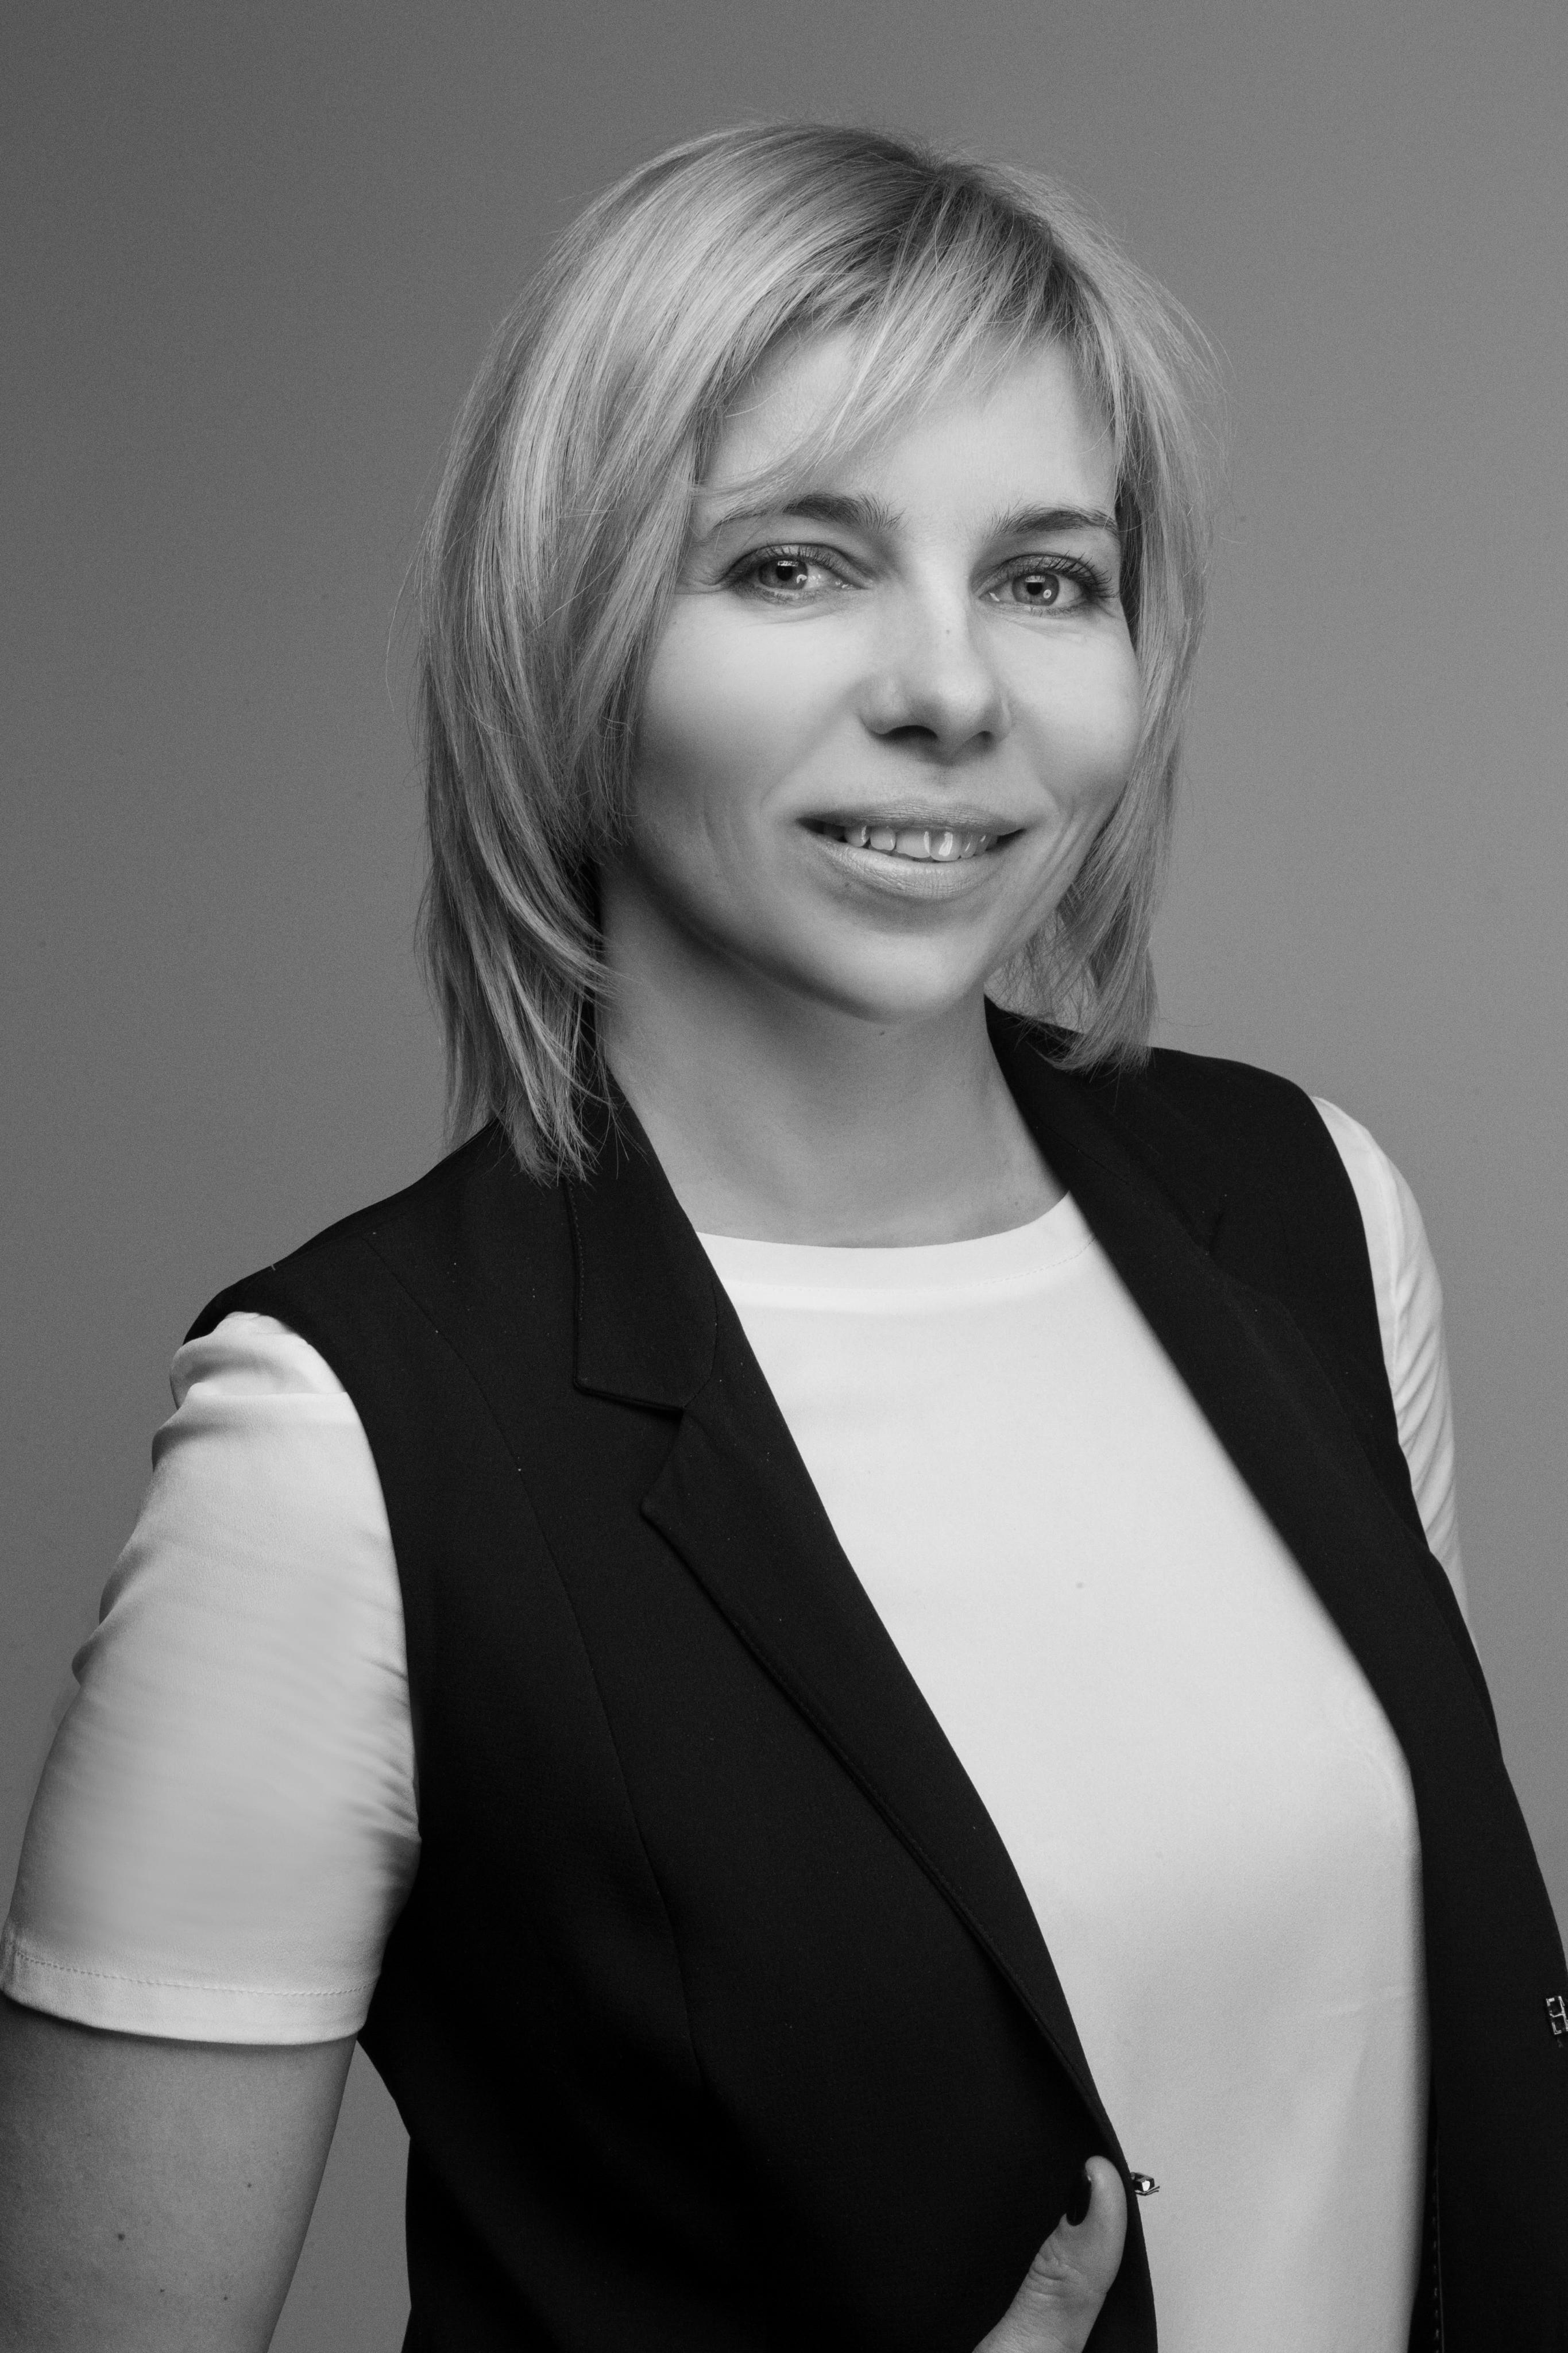 Ольга Никульцева, стилист и тренер Londa Professional: